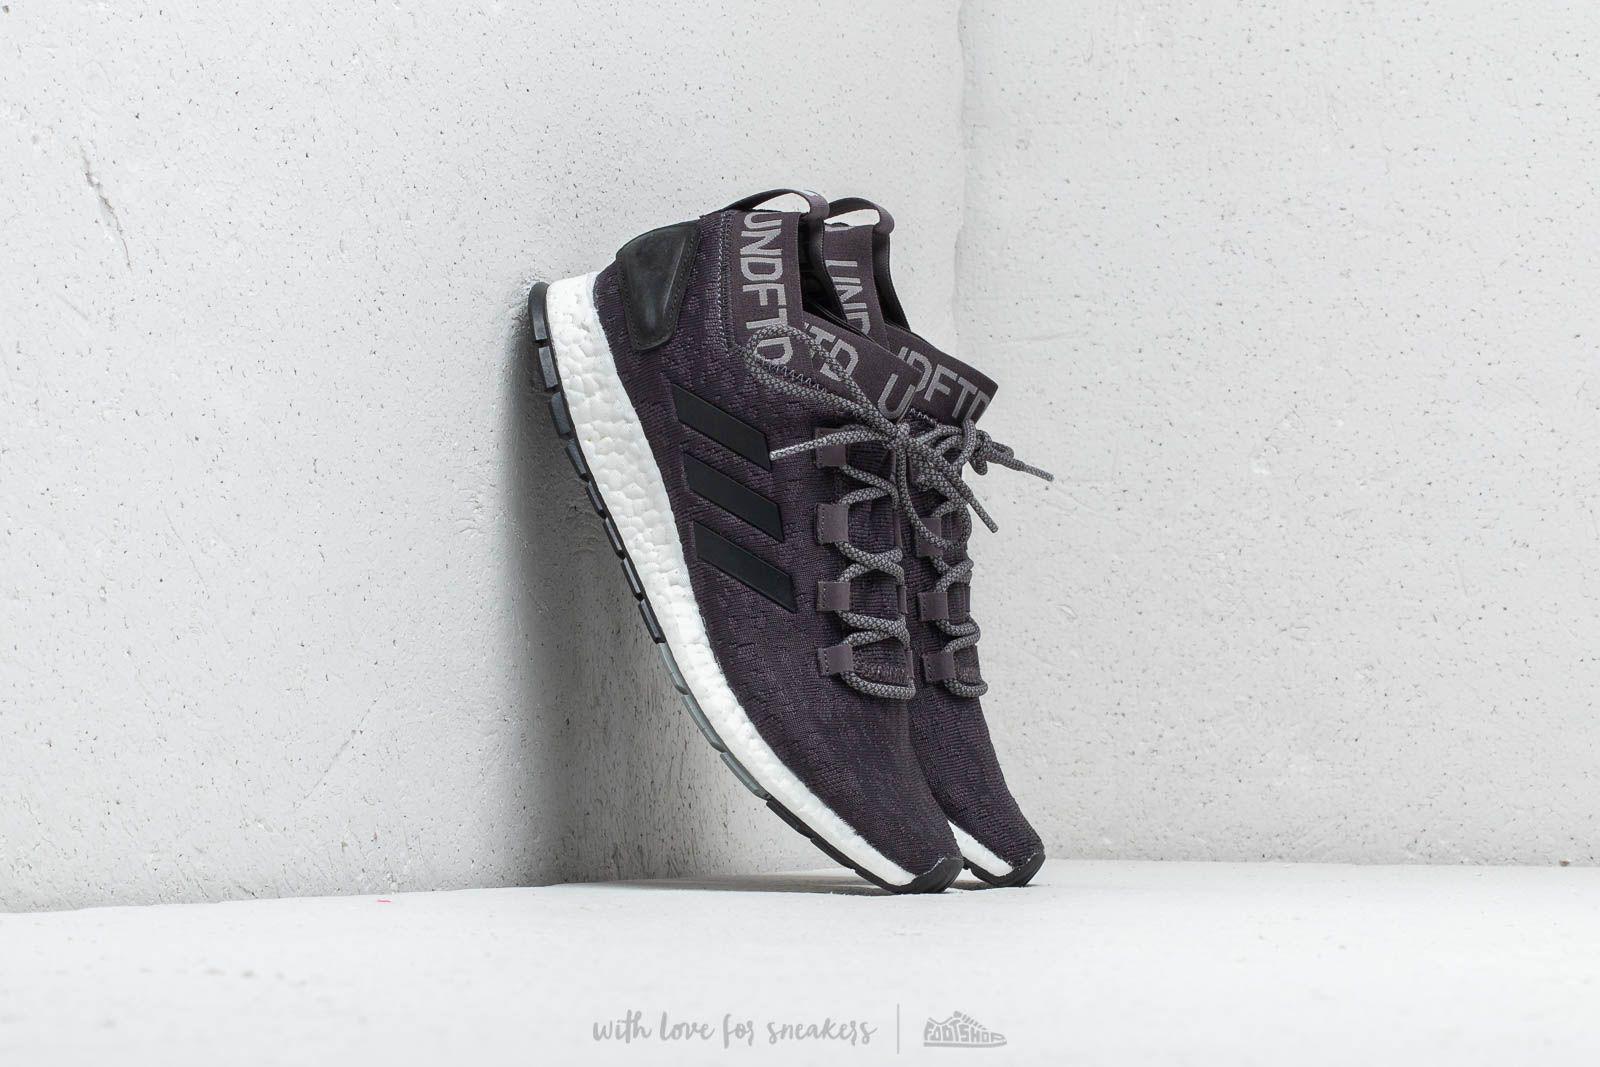 Pánské tenisky a boty adidas x Undefeated PureBOOST Rbl Core Black/ Core Black/ Core Black